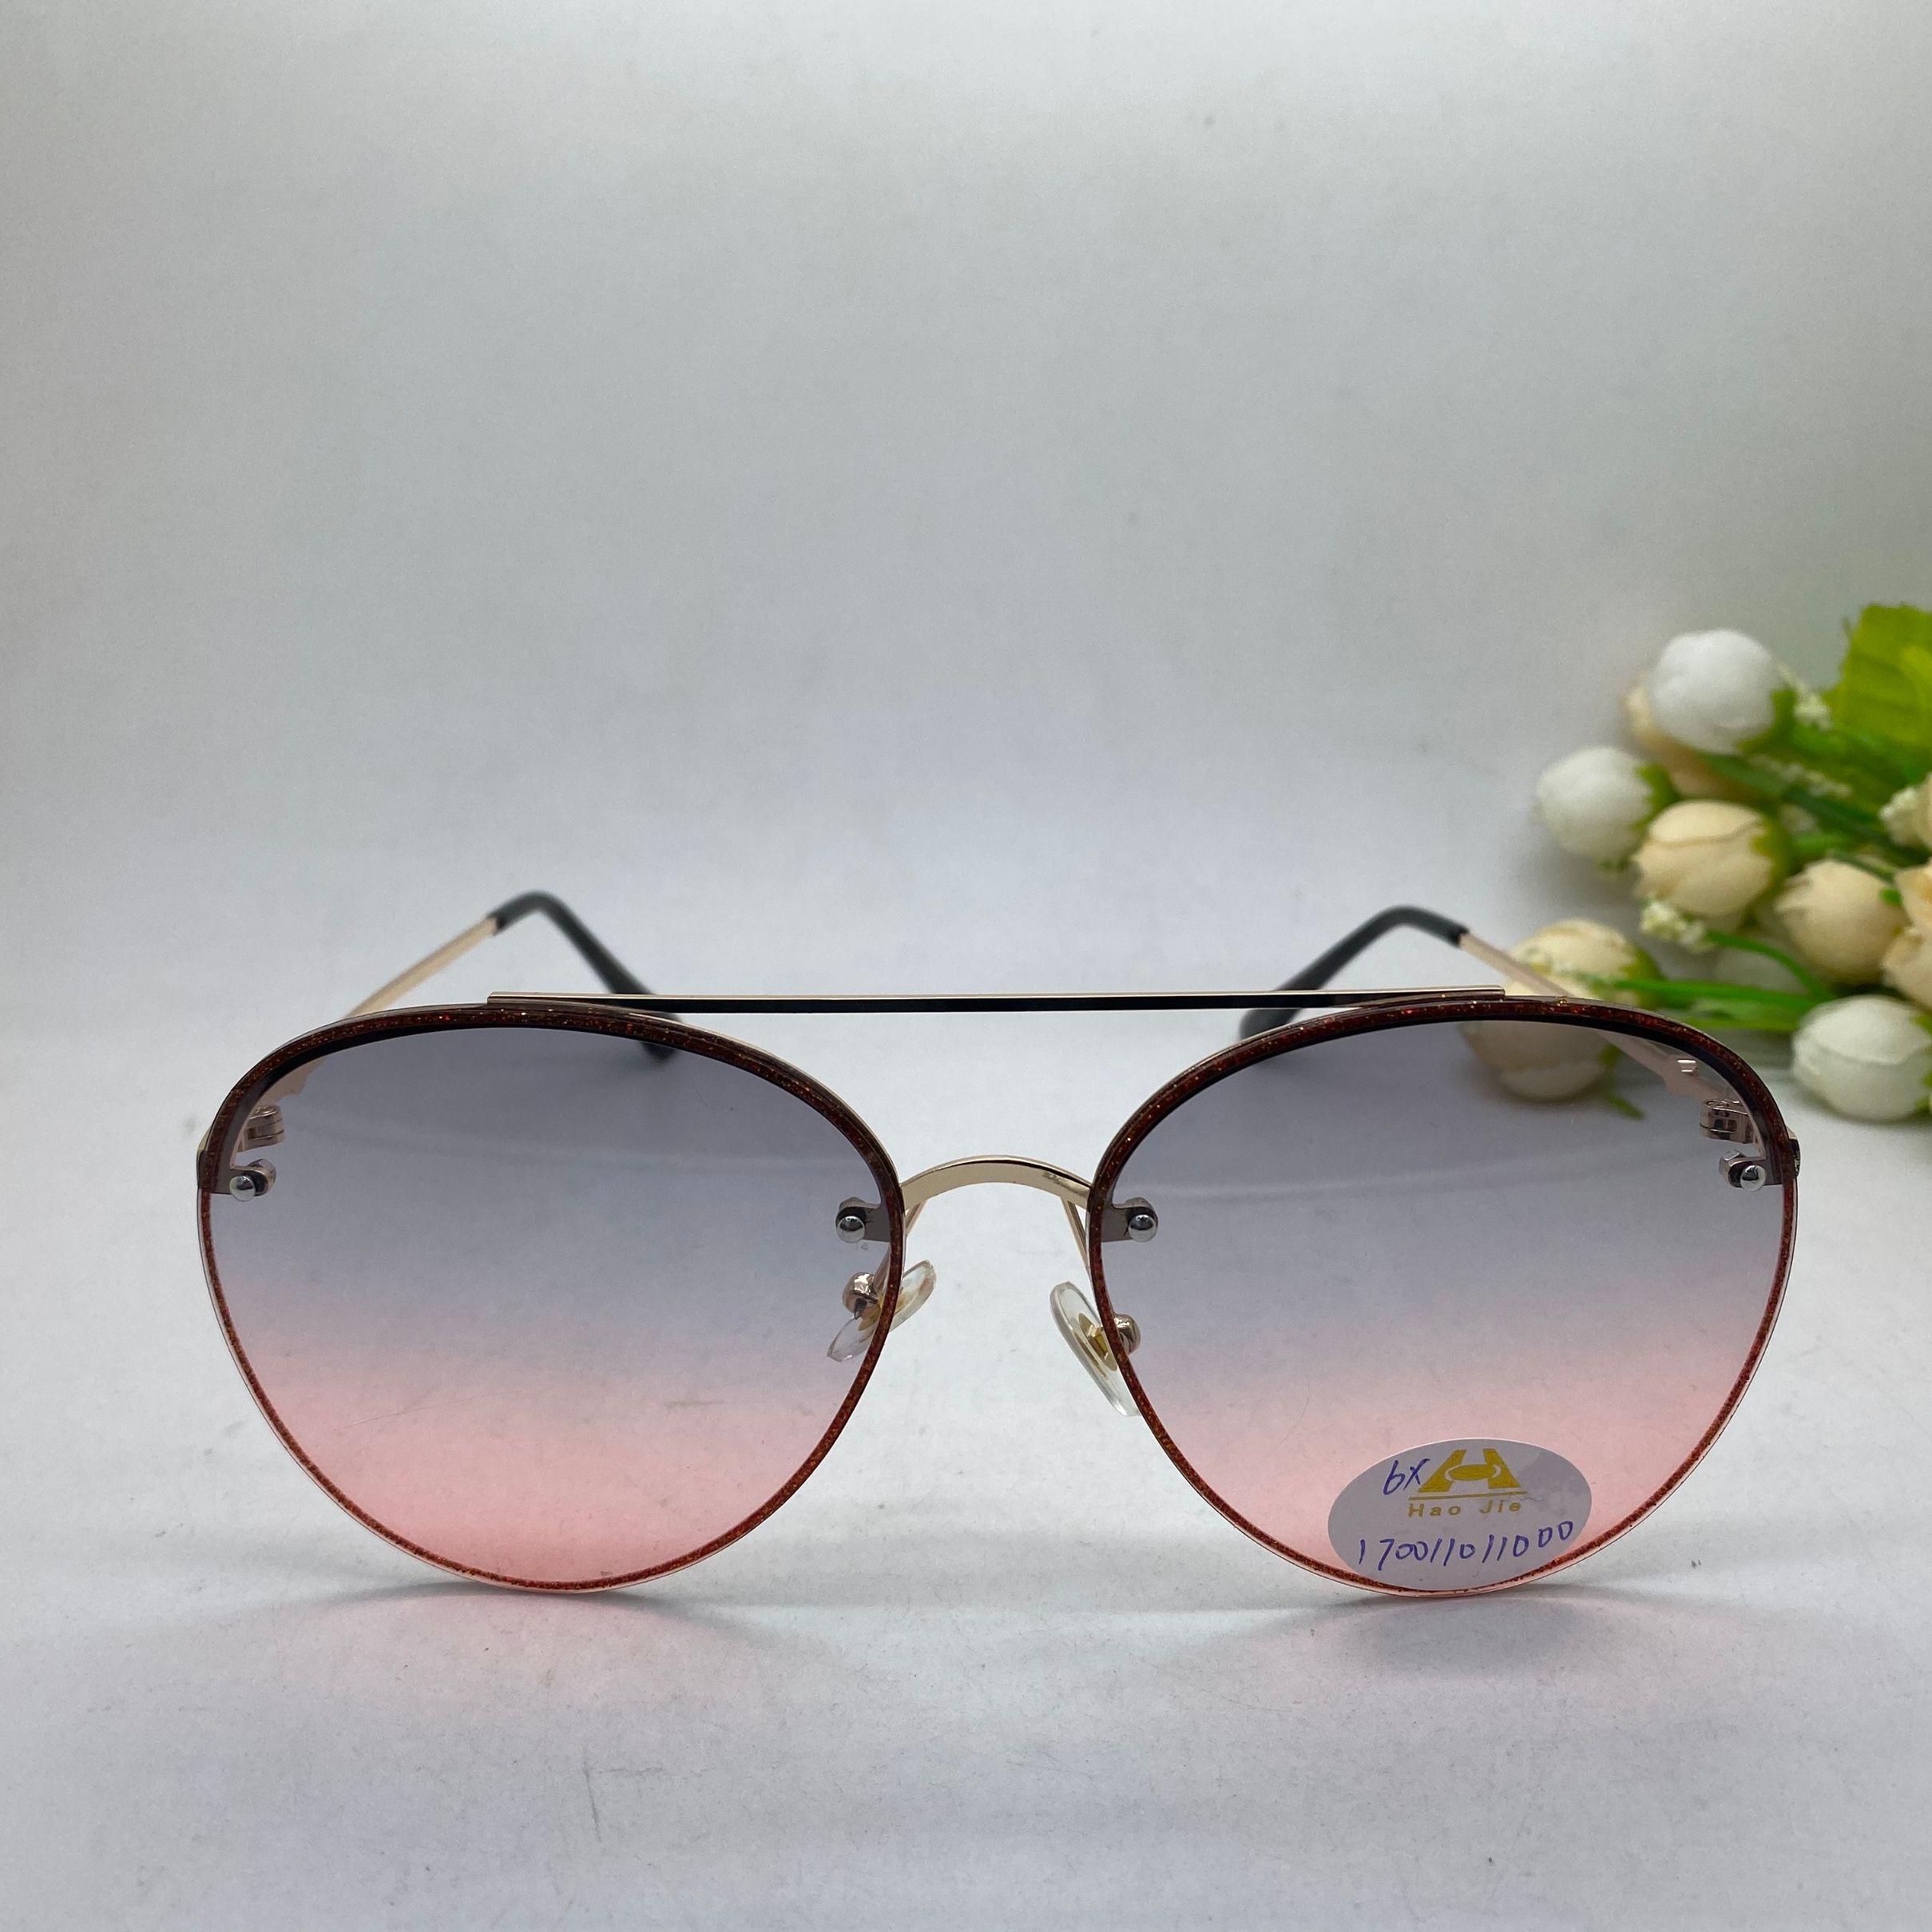 义乌好货 新款双梁男女太阳镜 渐变镜片时尚款170011